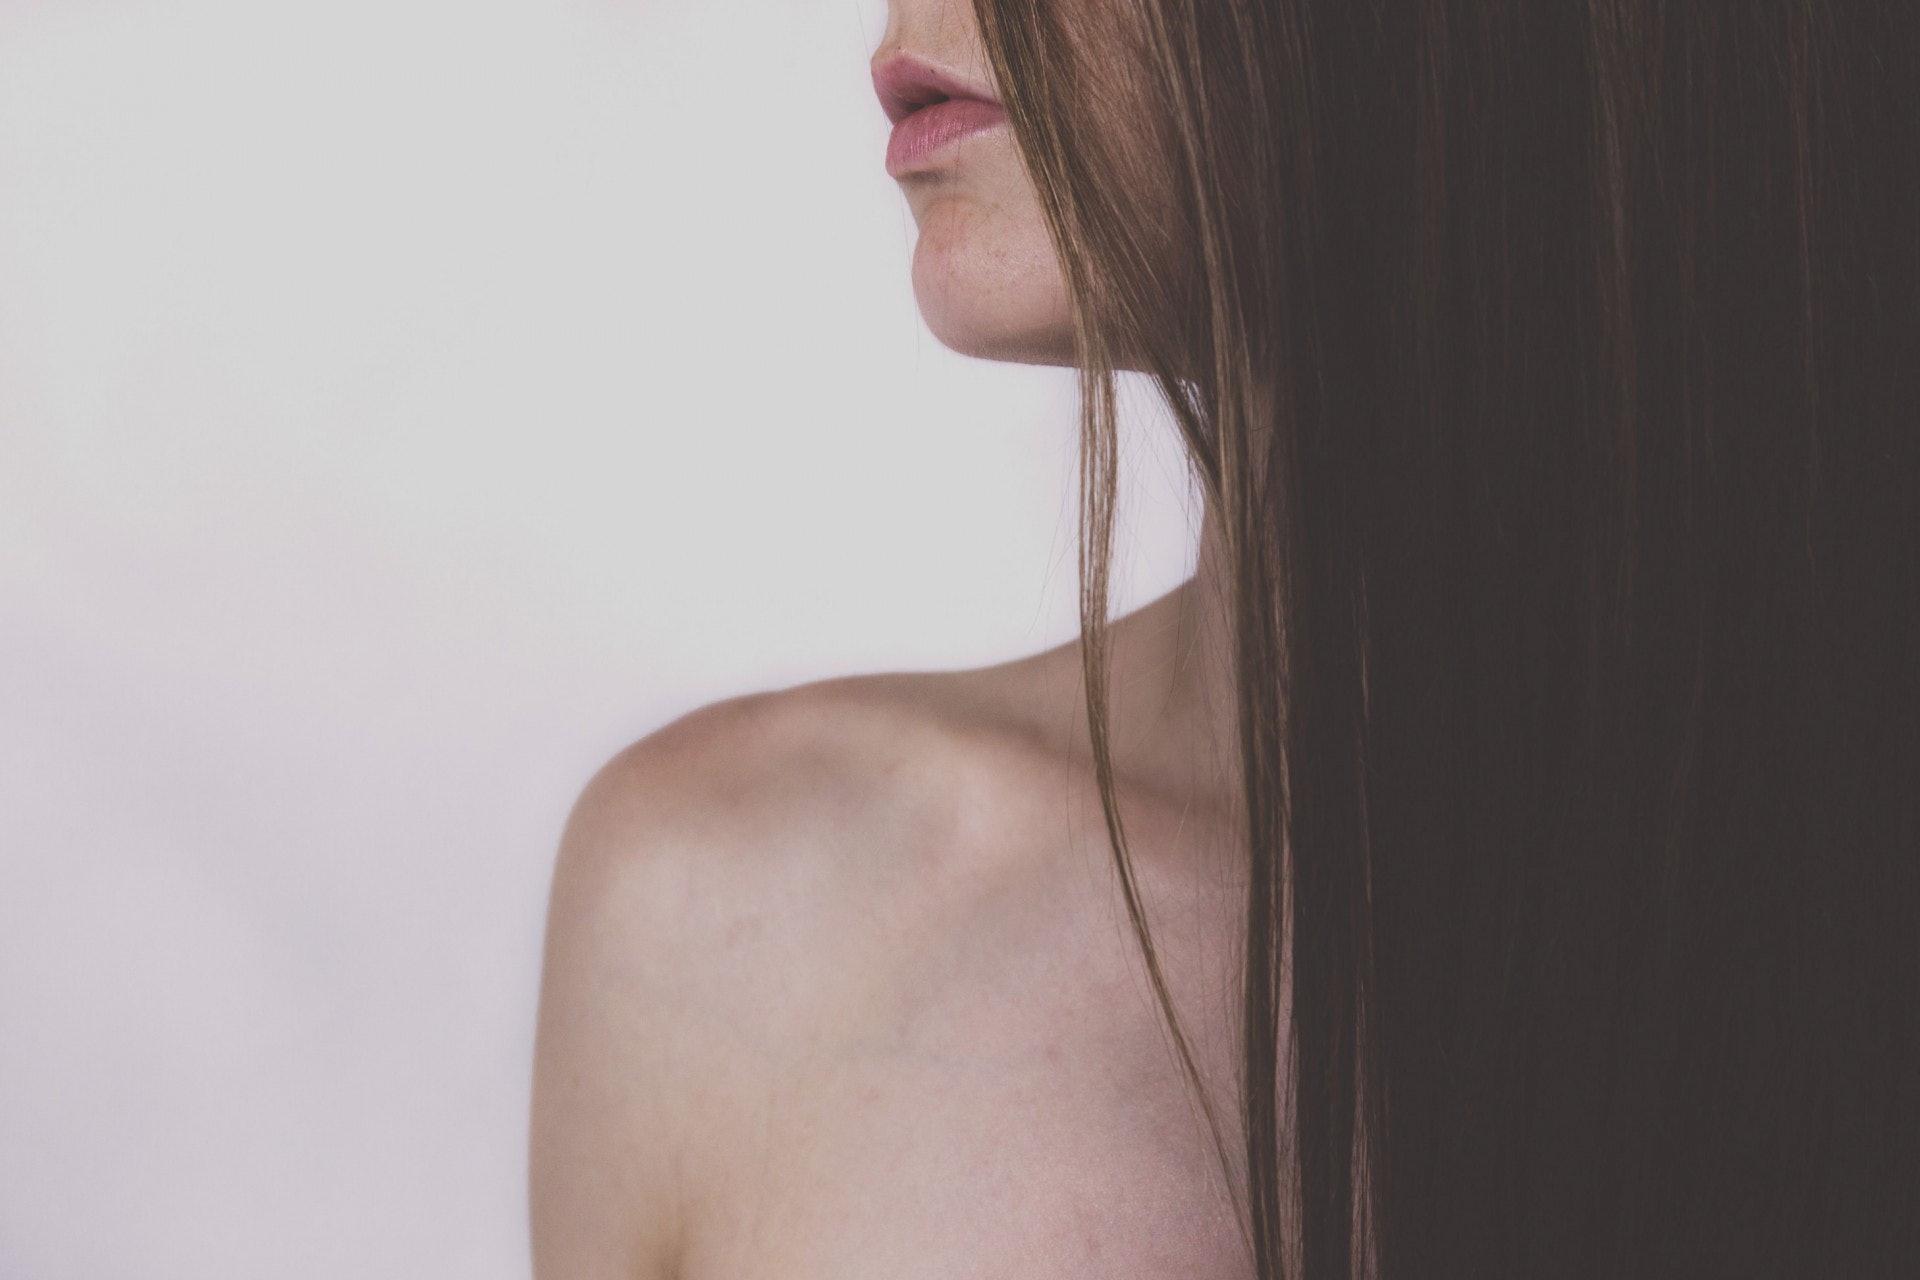 乳癌有「女性殺手」之稱,女士們應該提高乳健意識,保持乳房健康。(freestocks/unsplash)